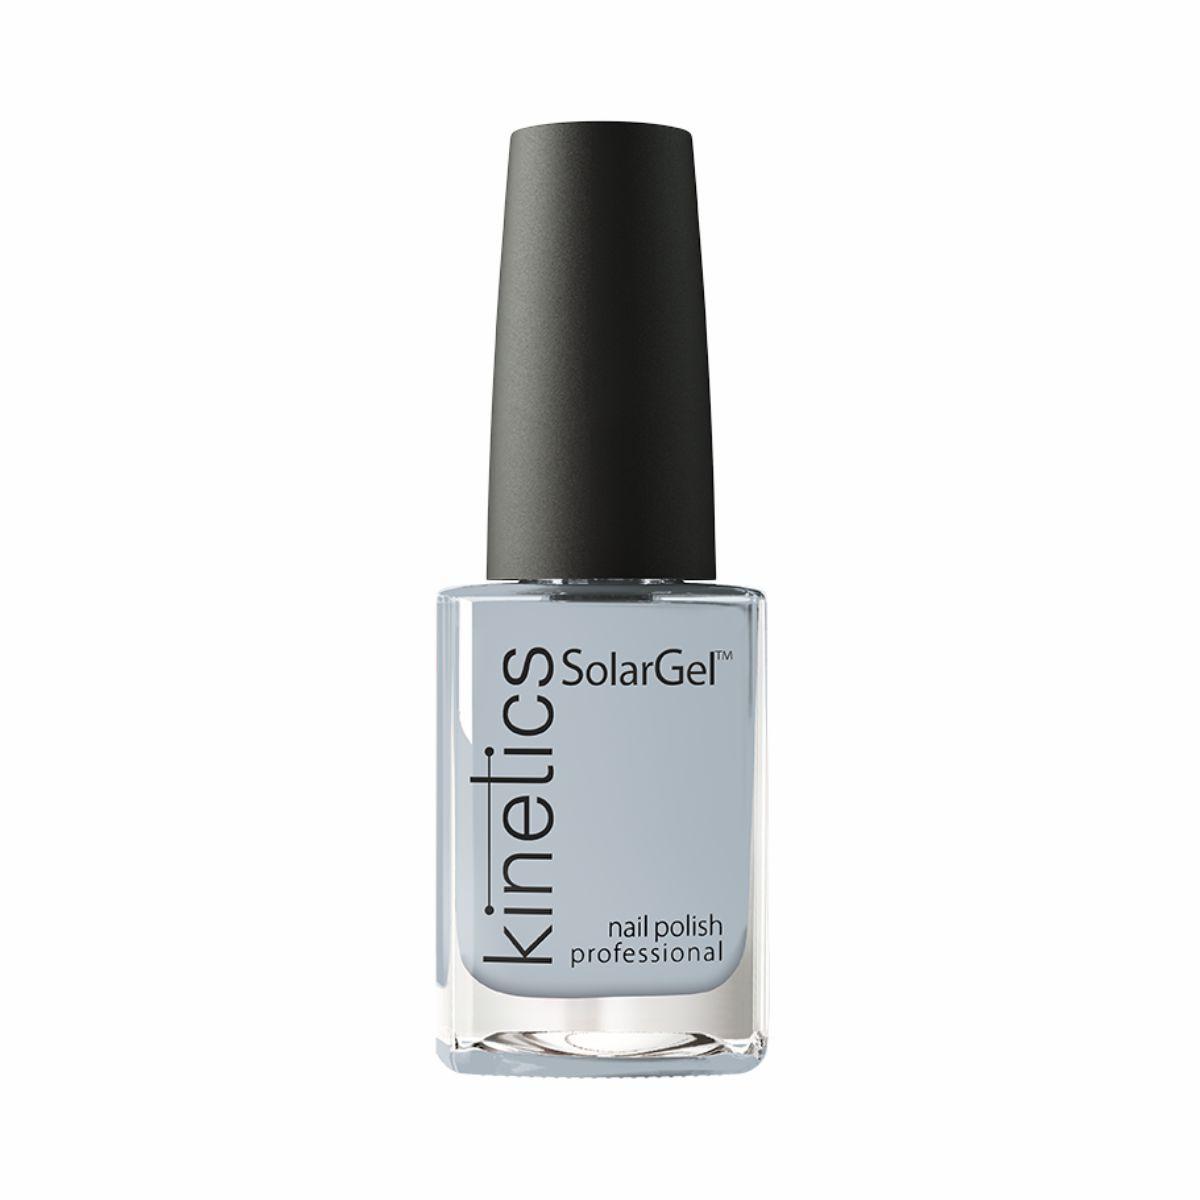 цены на Лак для ногтей Kinetics SolarGel Polish 15 мл, профессиональный, тон 393 Ivory Night  в интернет-магазинах